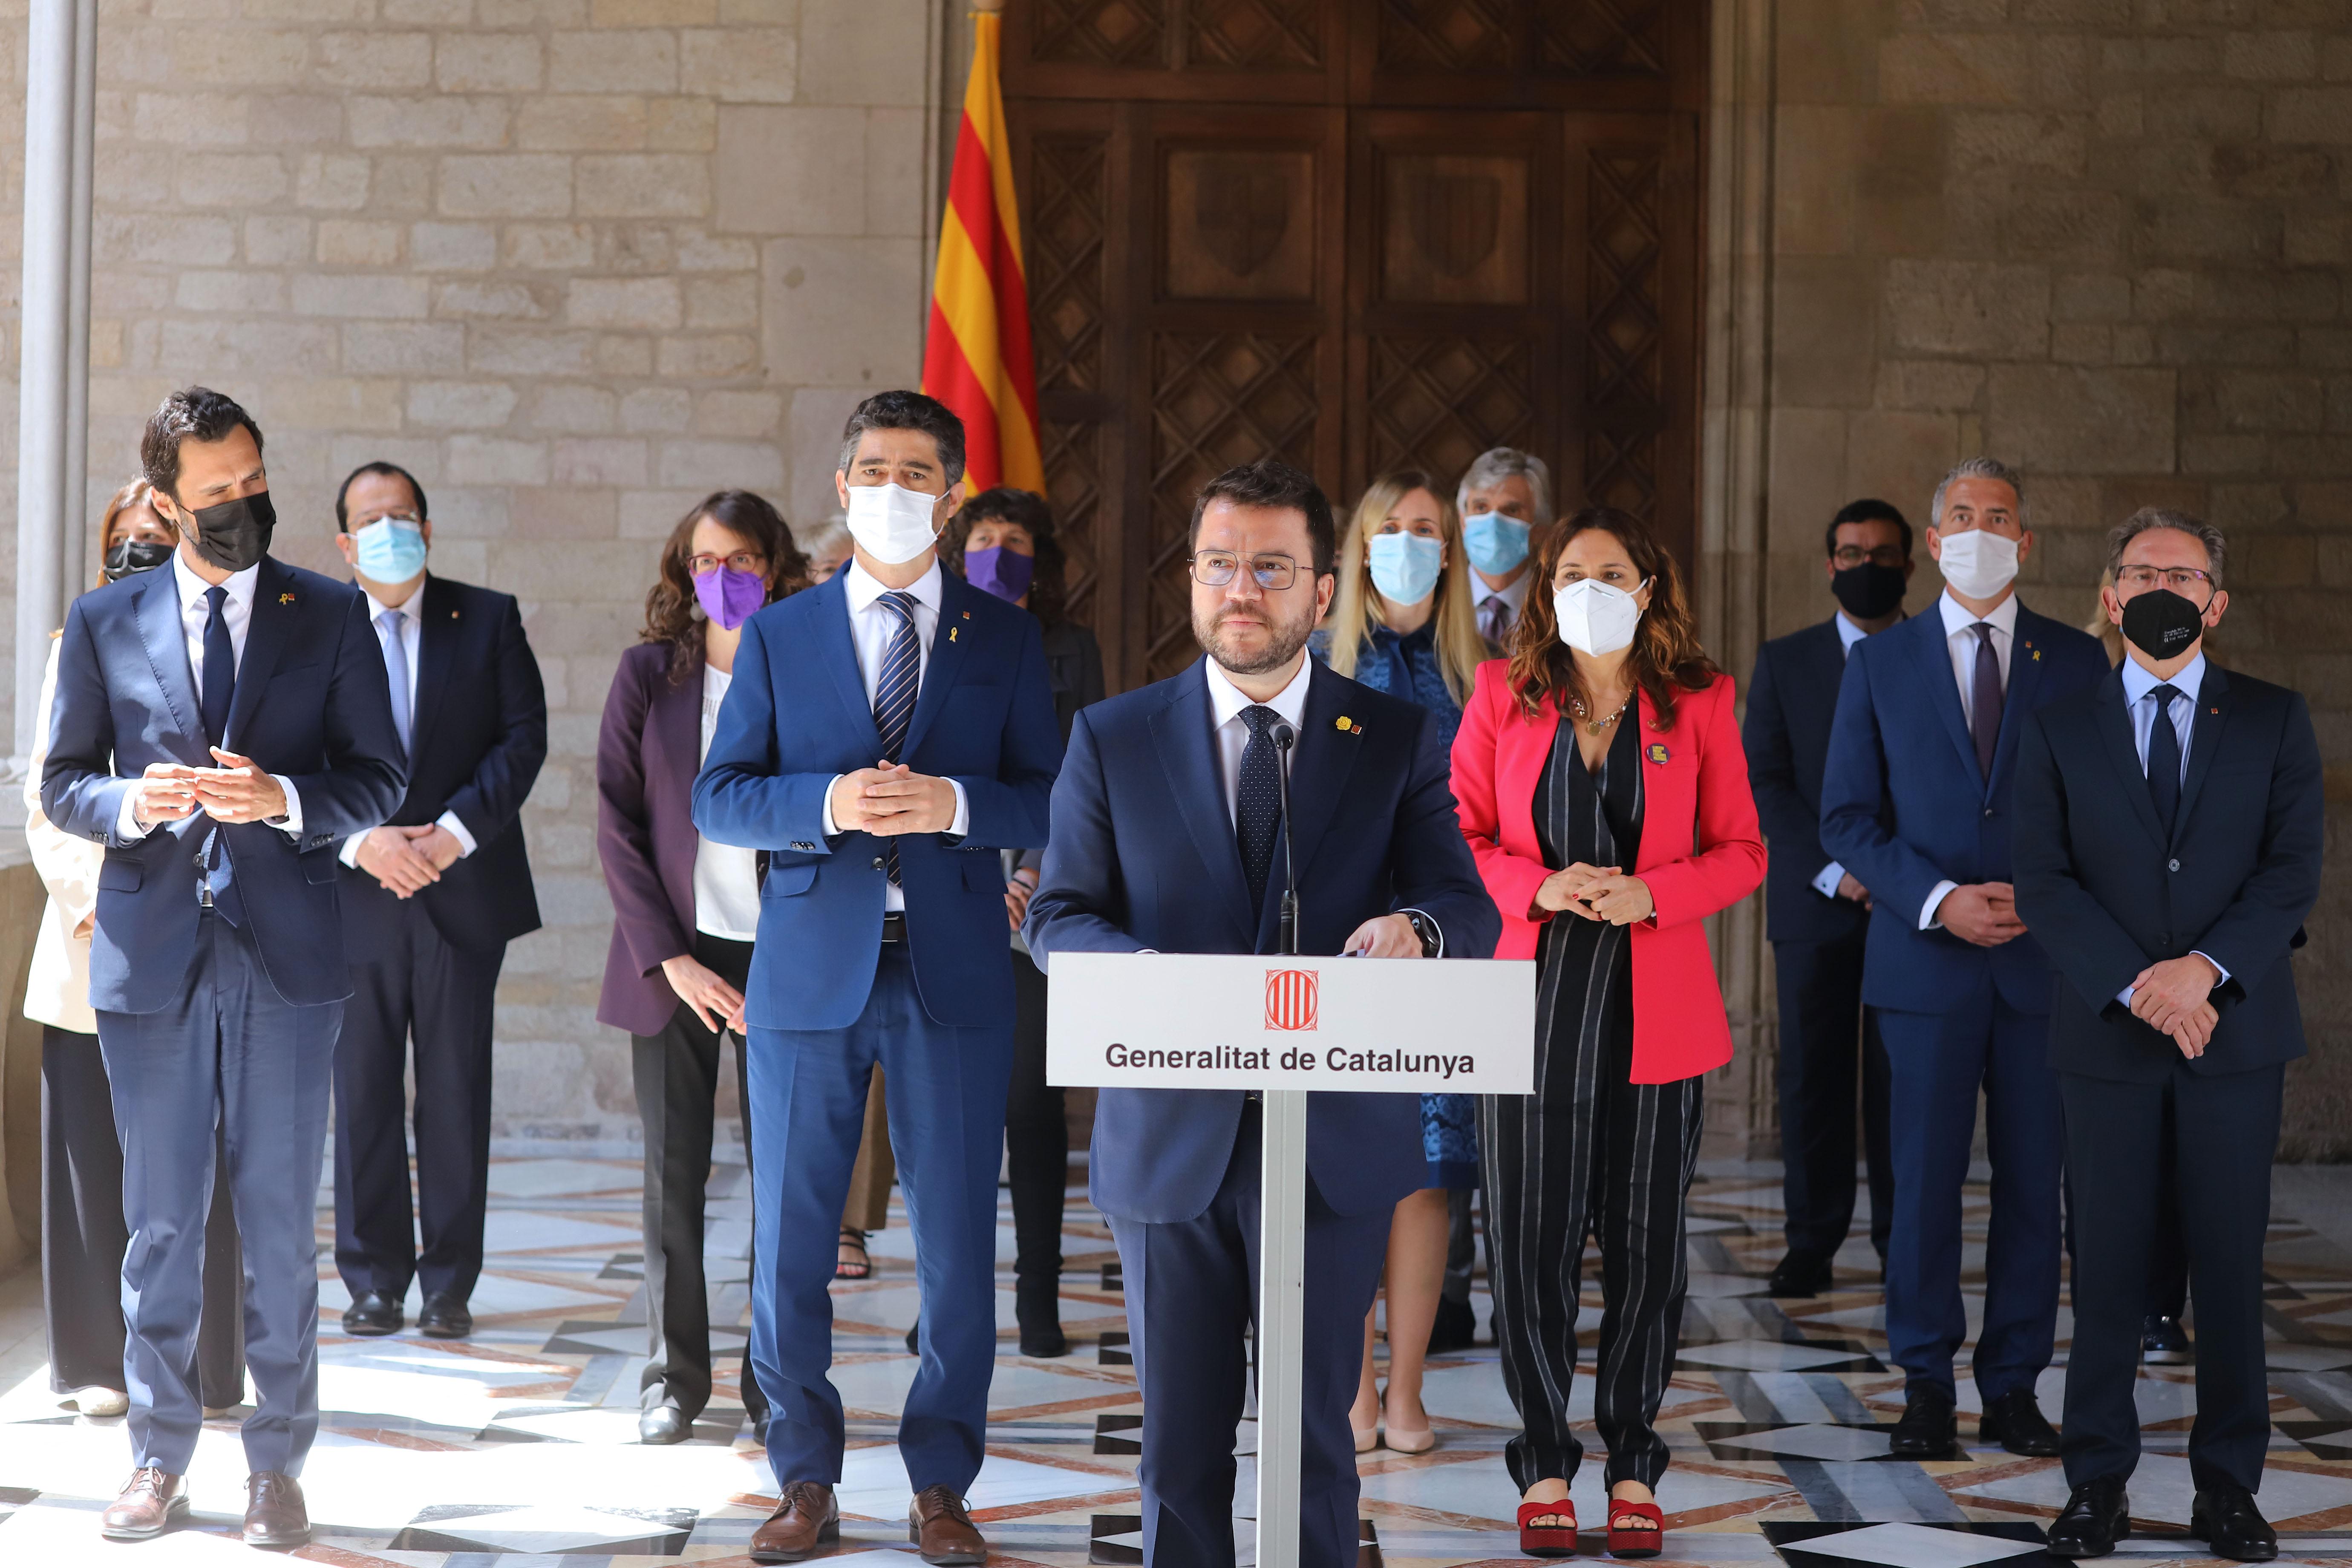 Compareixença del president Aragonès acompanyat de tot el Govern (Autor: Ruben Moreno)